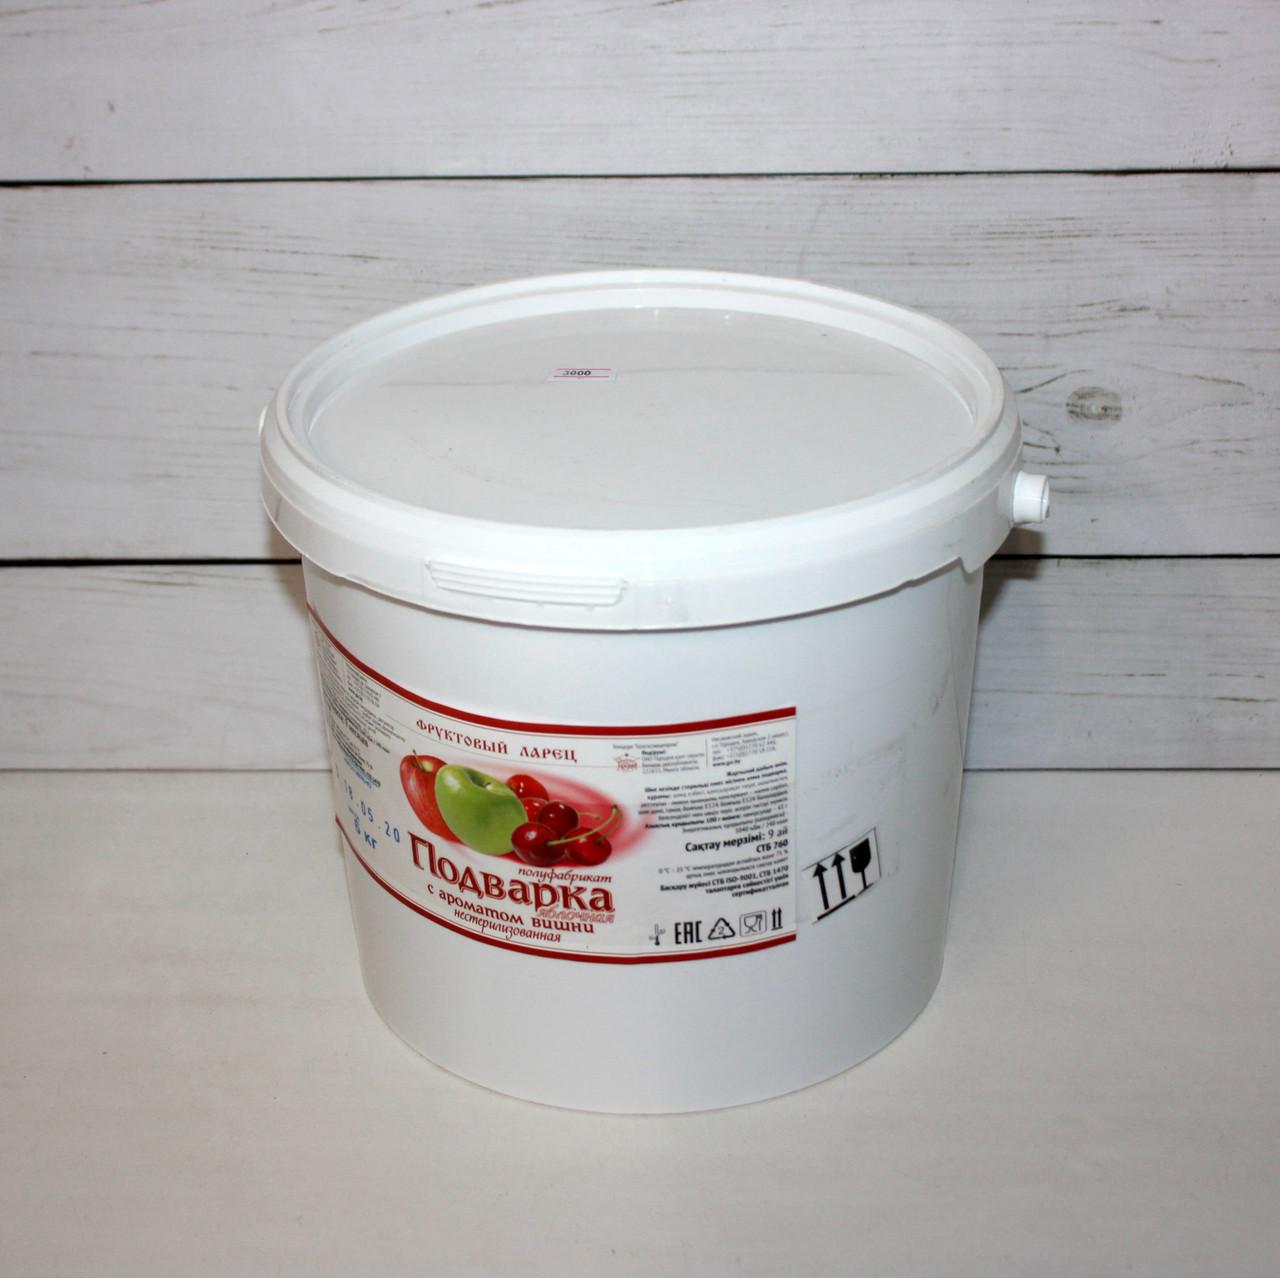 Подварка фруктовая с ароматом вишни 6 кг